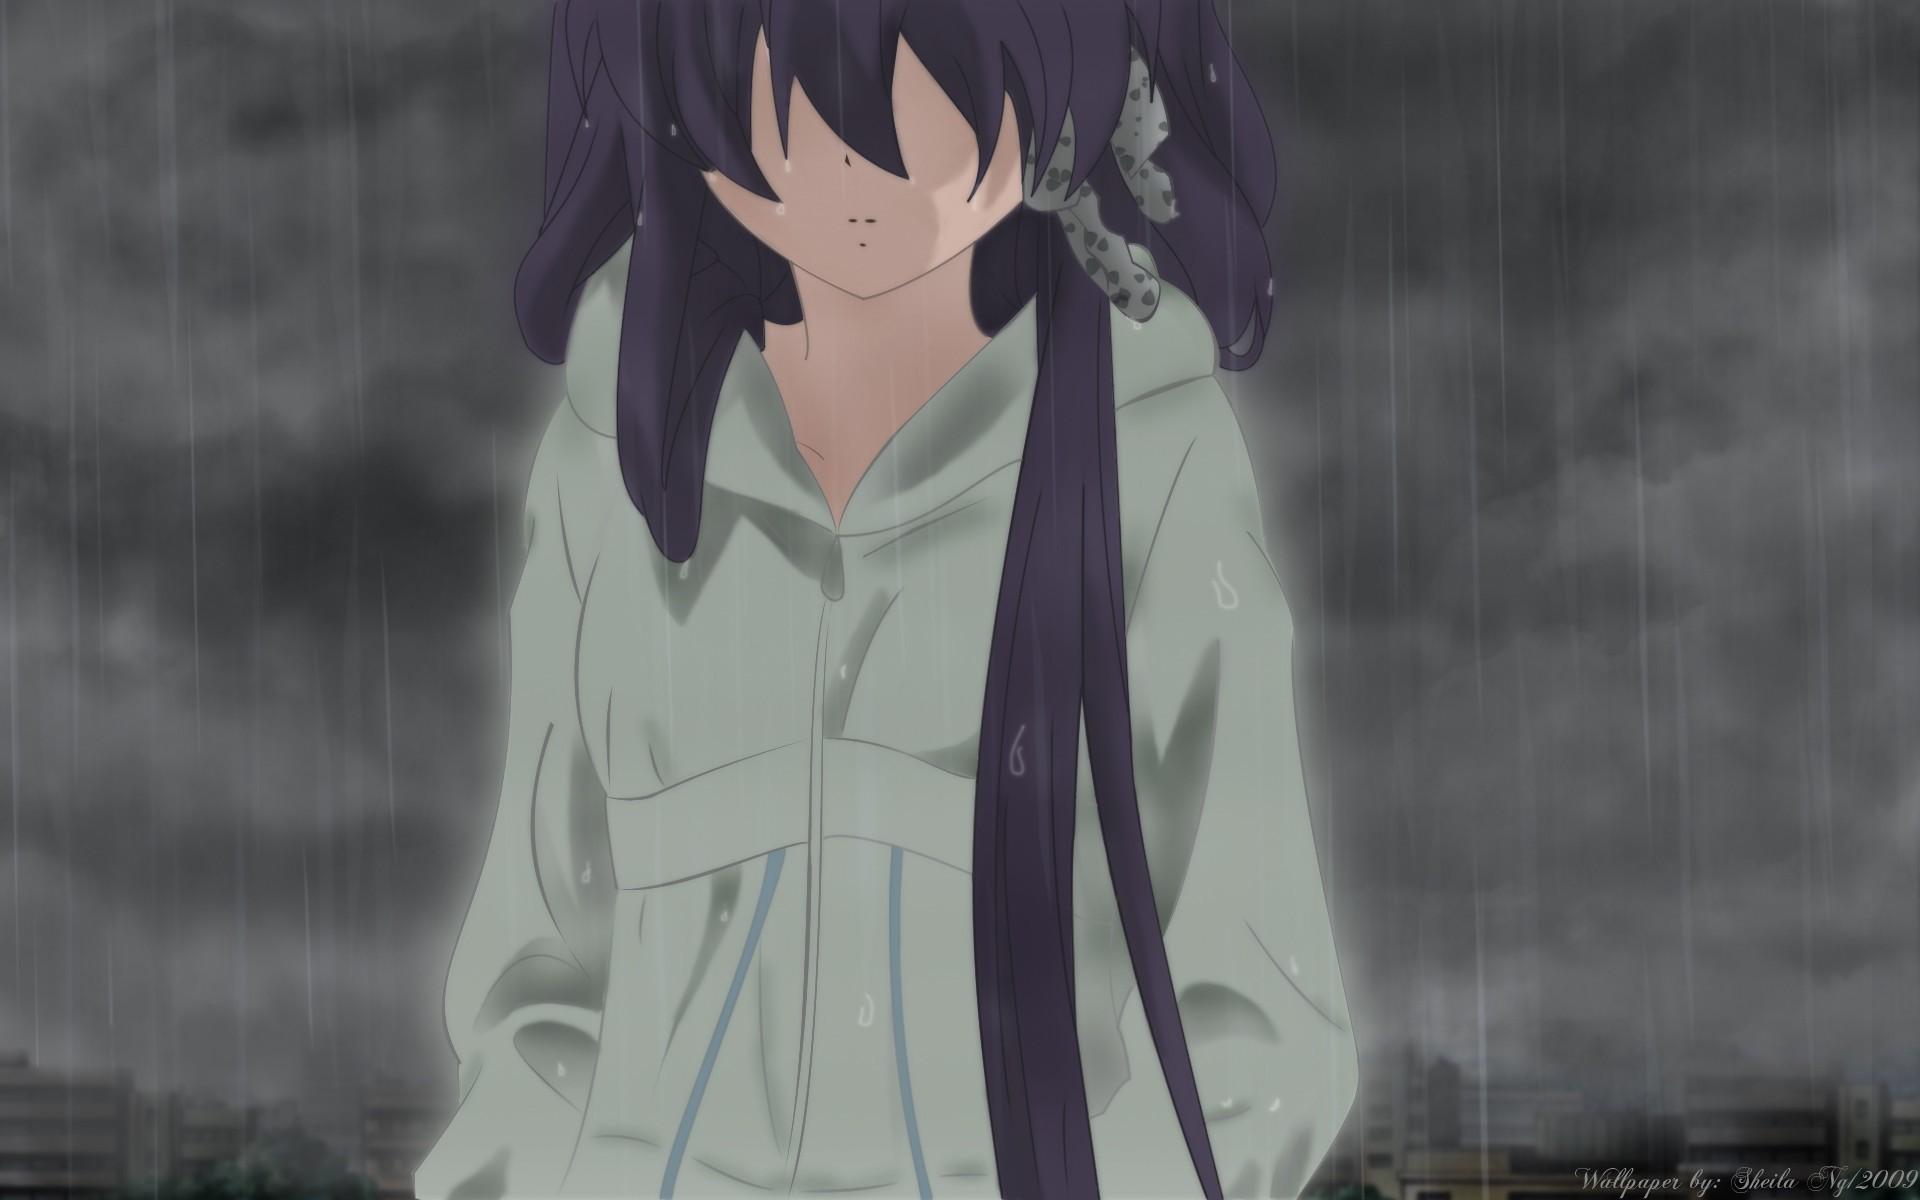 Trên đây là bộ hình nền Anime chất lượng sắc nét và ý nghĩa sâu sắc, diễn tả tâm trạng buồn khóc, cô đơn nhất của con người.